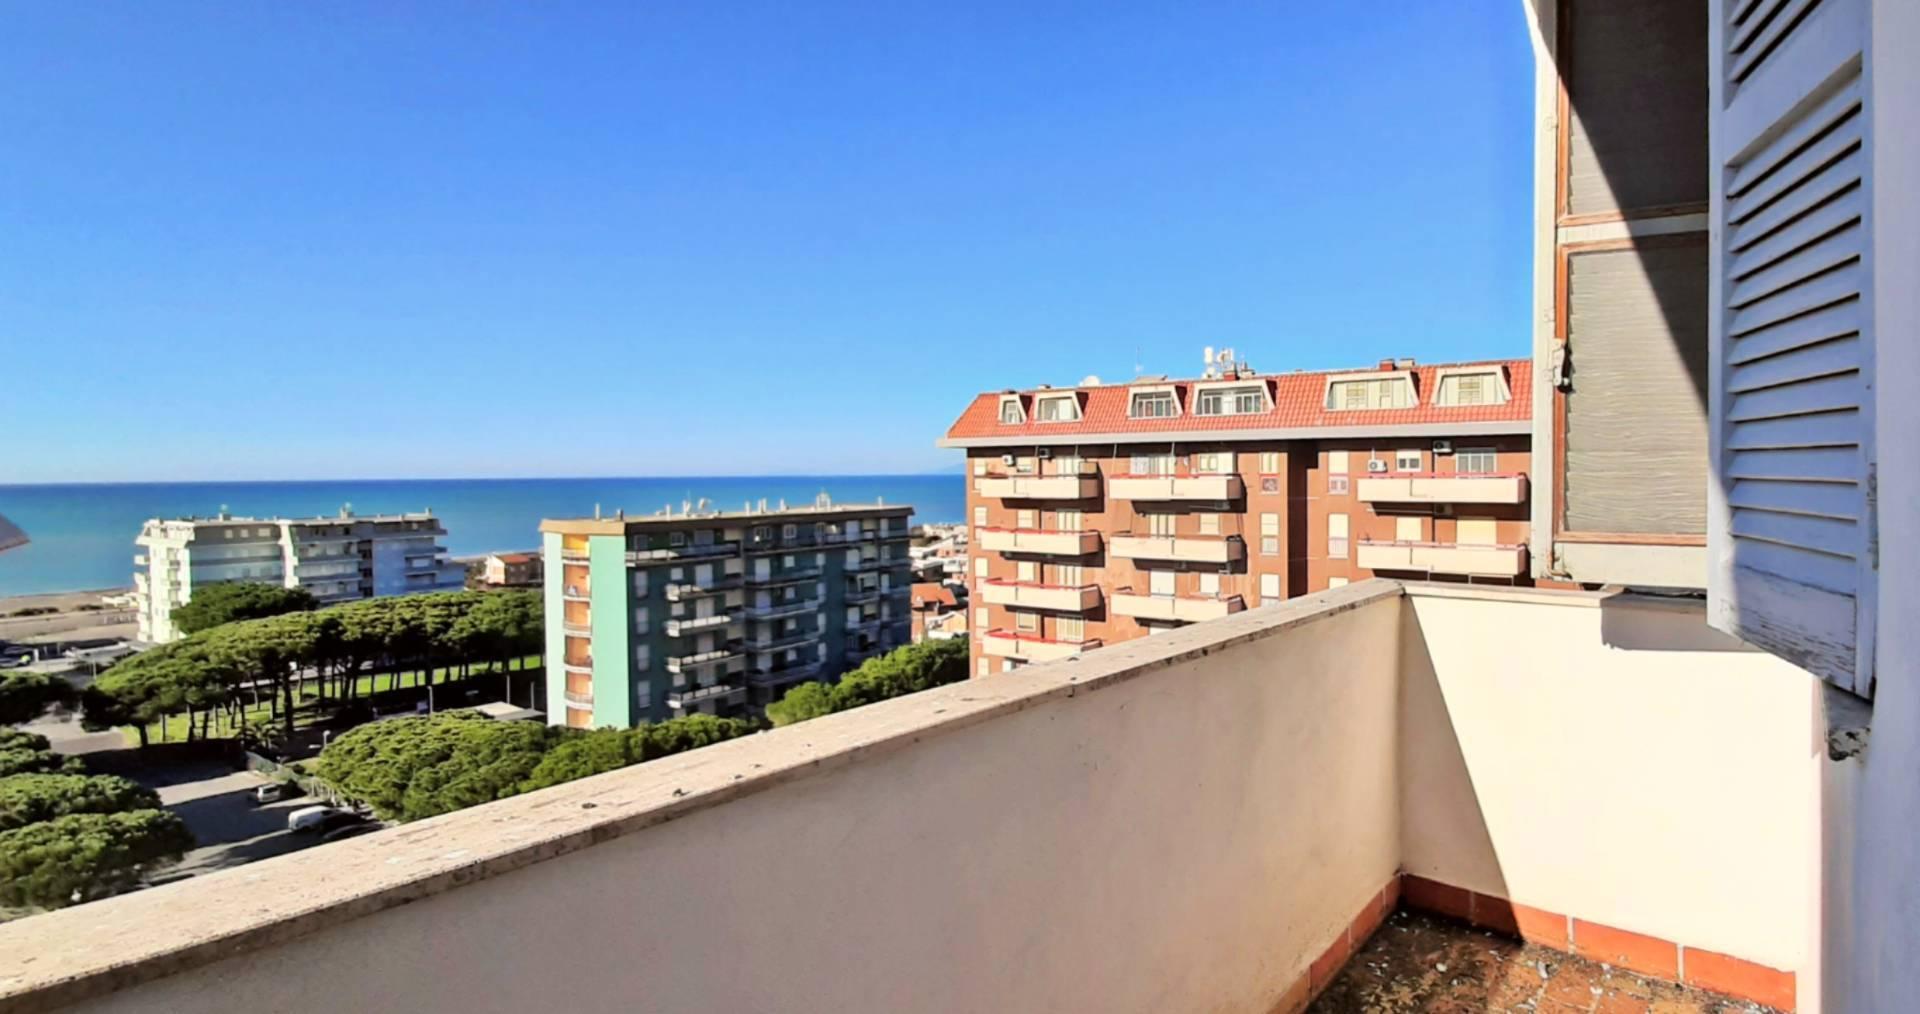 Appartamento in vendita a Tarquinia, 3 locali, zona Località: LidodiTarquinia, prezzo € 70.000 | CambioCasa.it